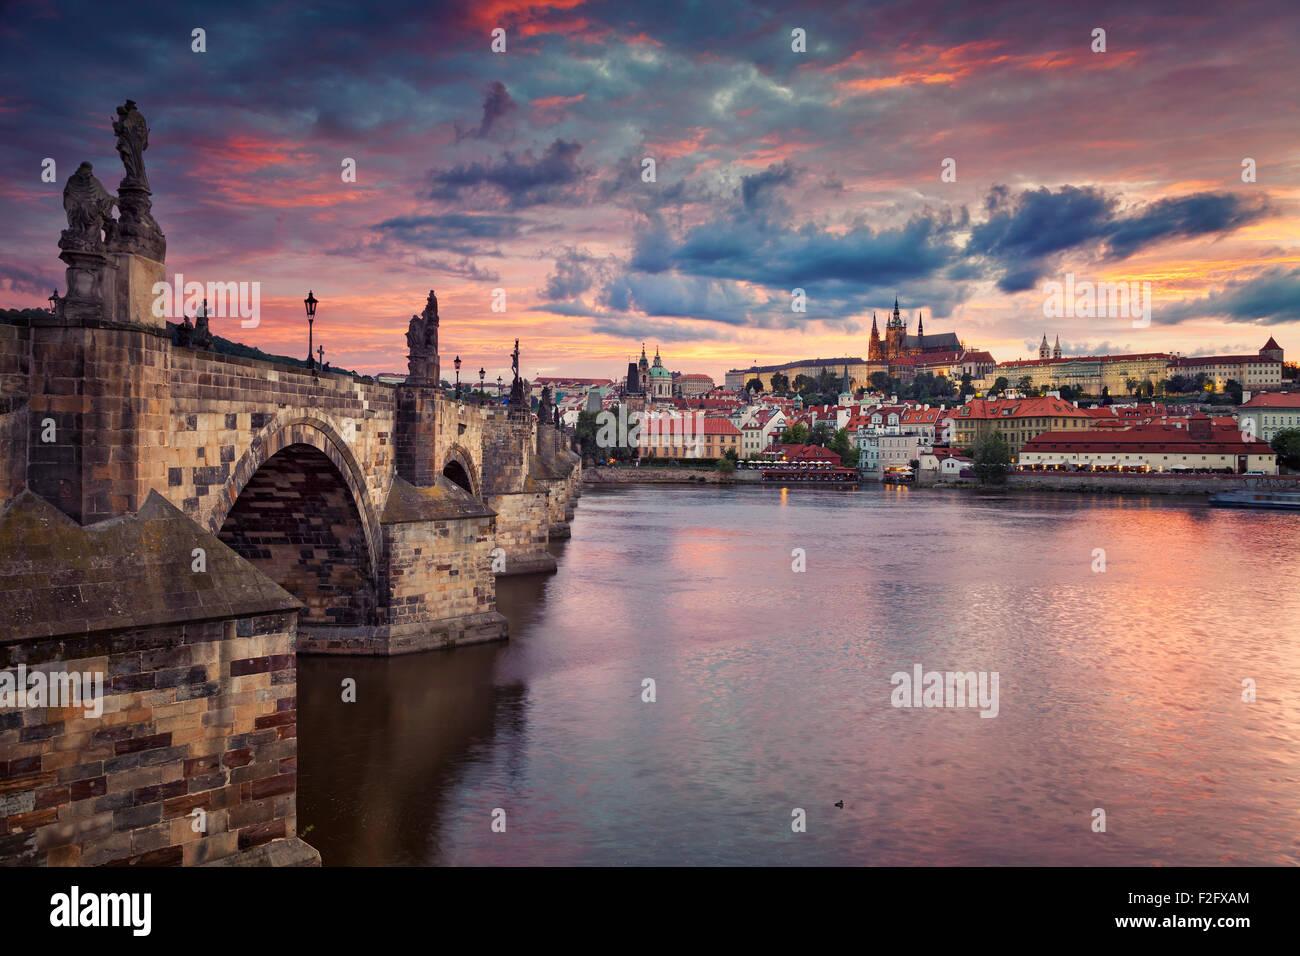 Praga. Imagen de Praga, capital de la República Checa, durante el hermoso atardecer. Imagen De Stock